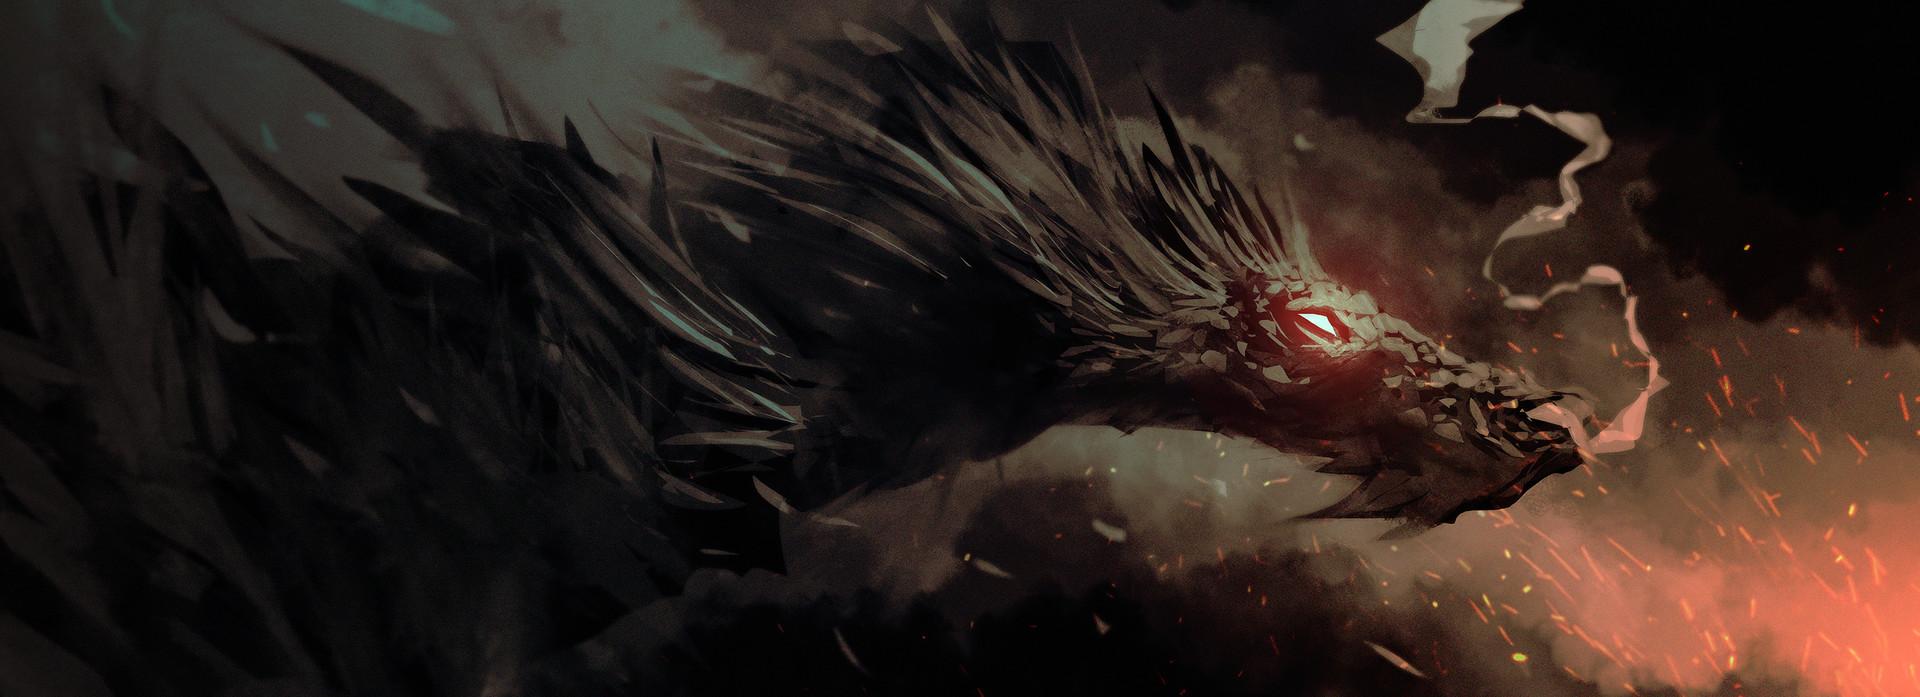 Federico ferrarese fede dragon